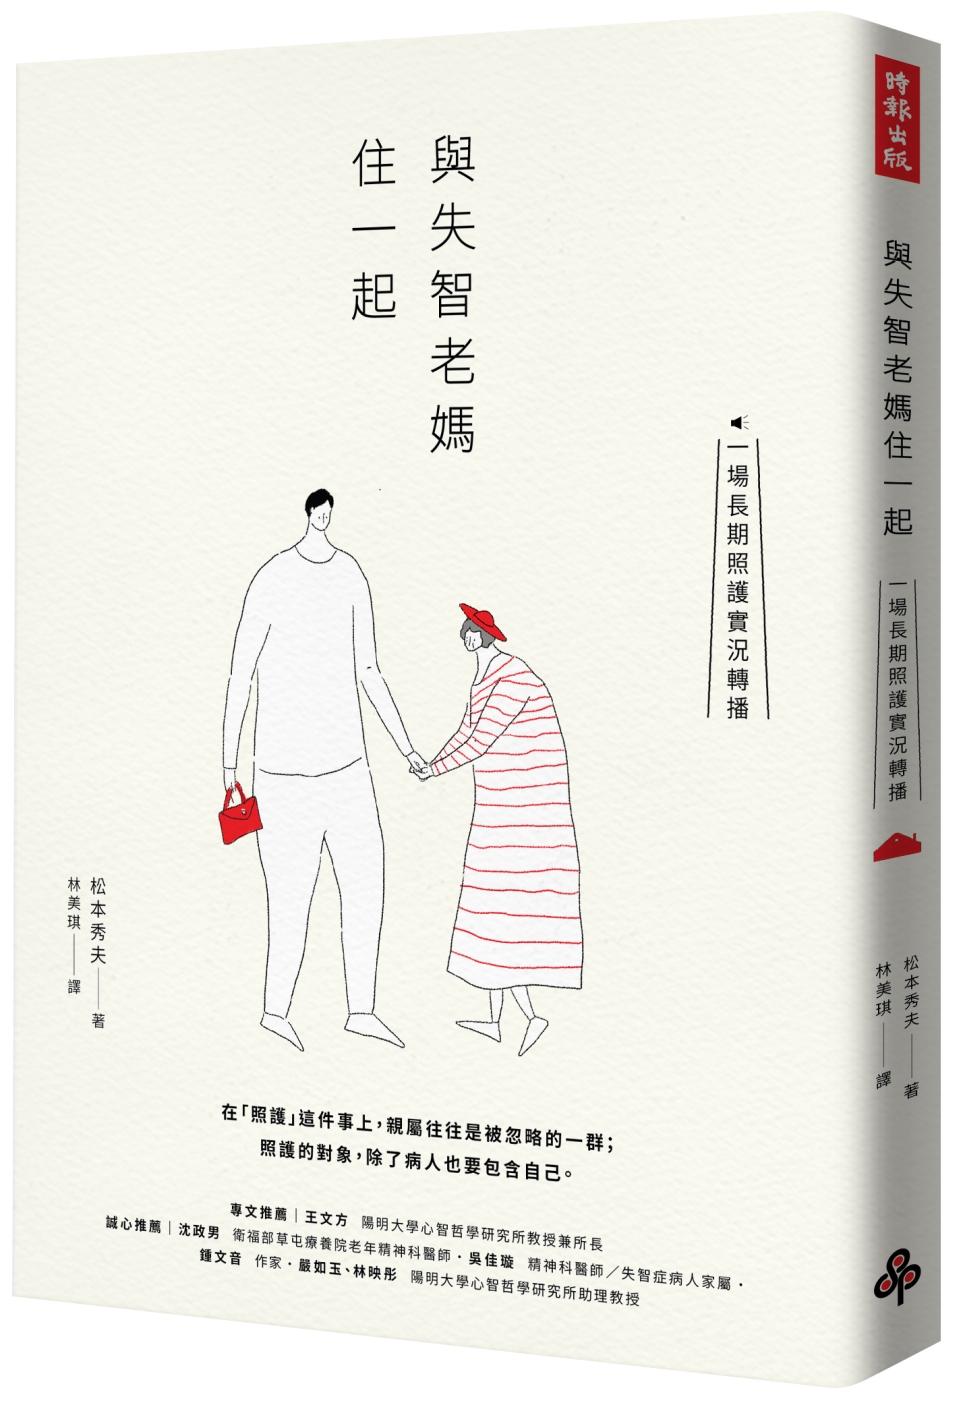 《與失智老媽住一起:一場長期照護實況轉播》 商品條碼,ISBN:9789571371573